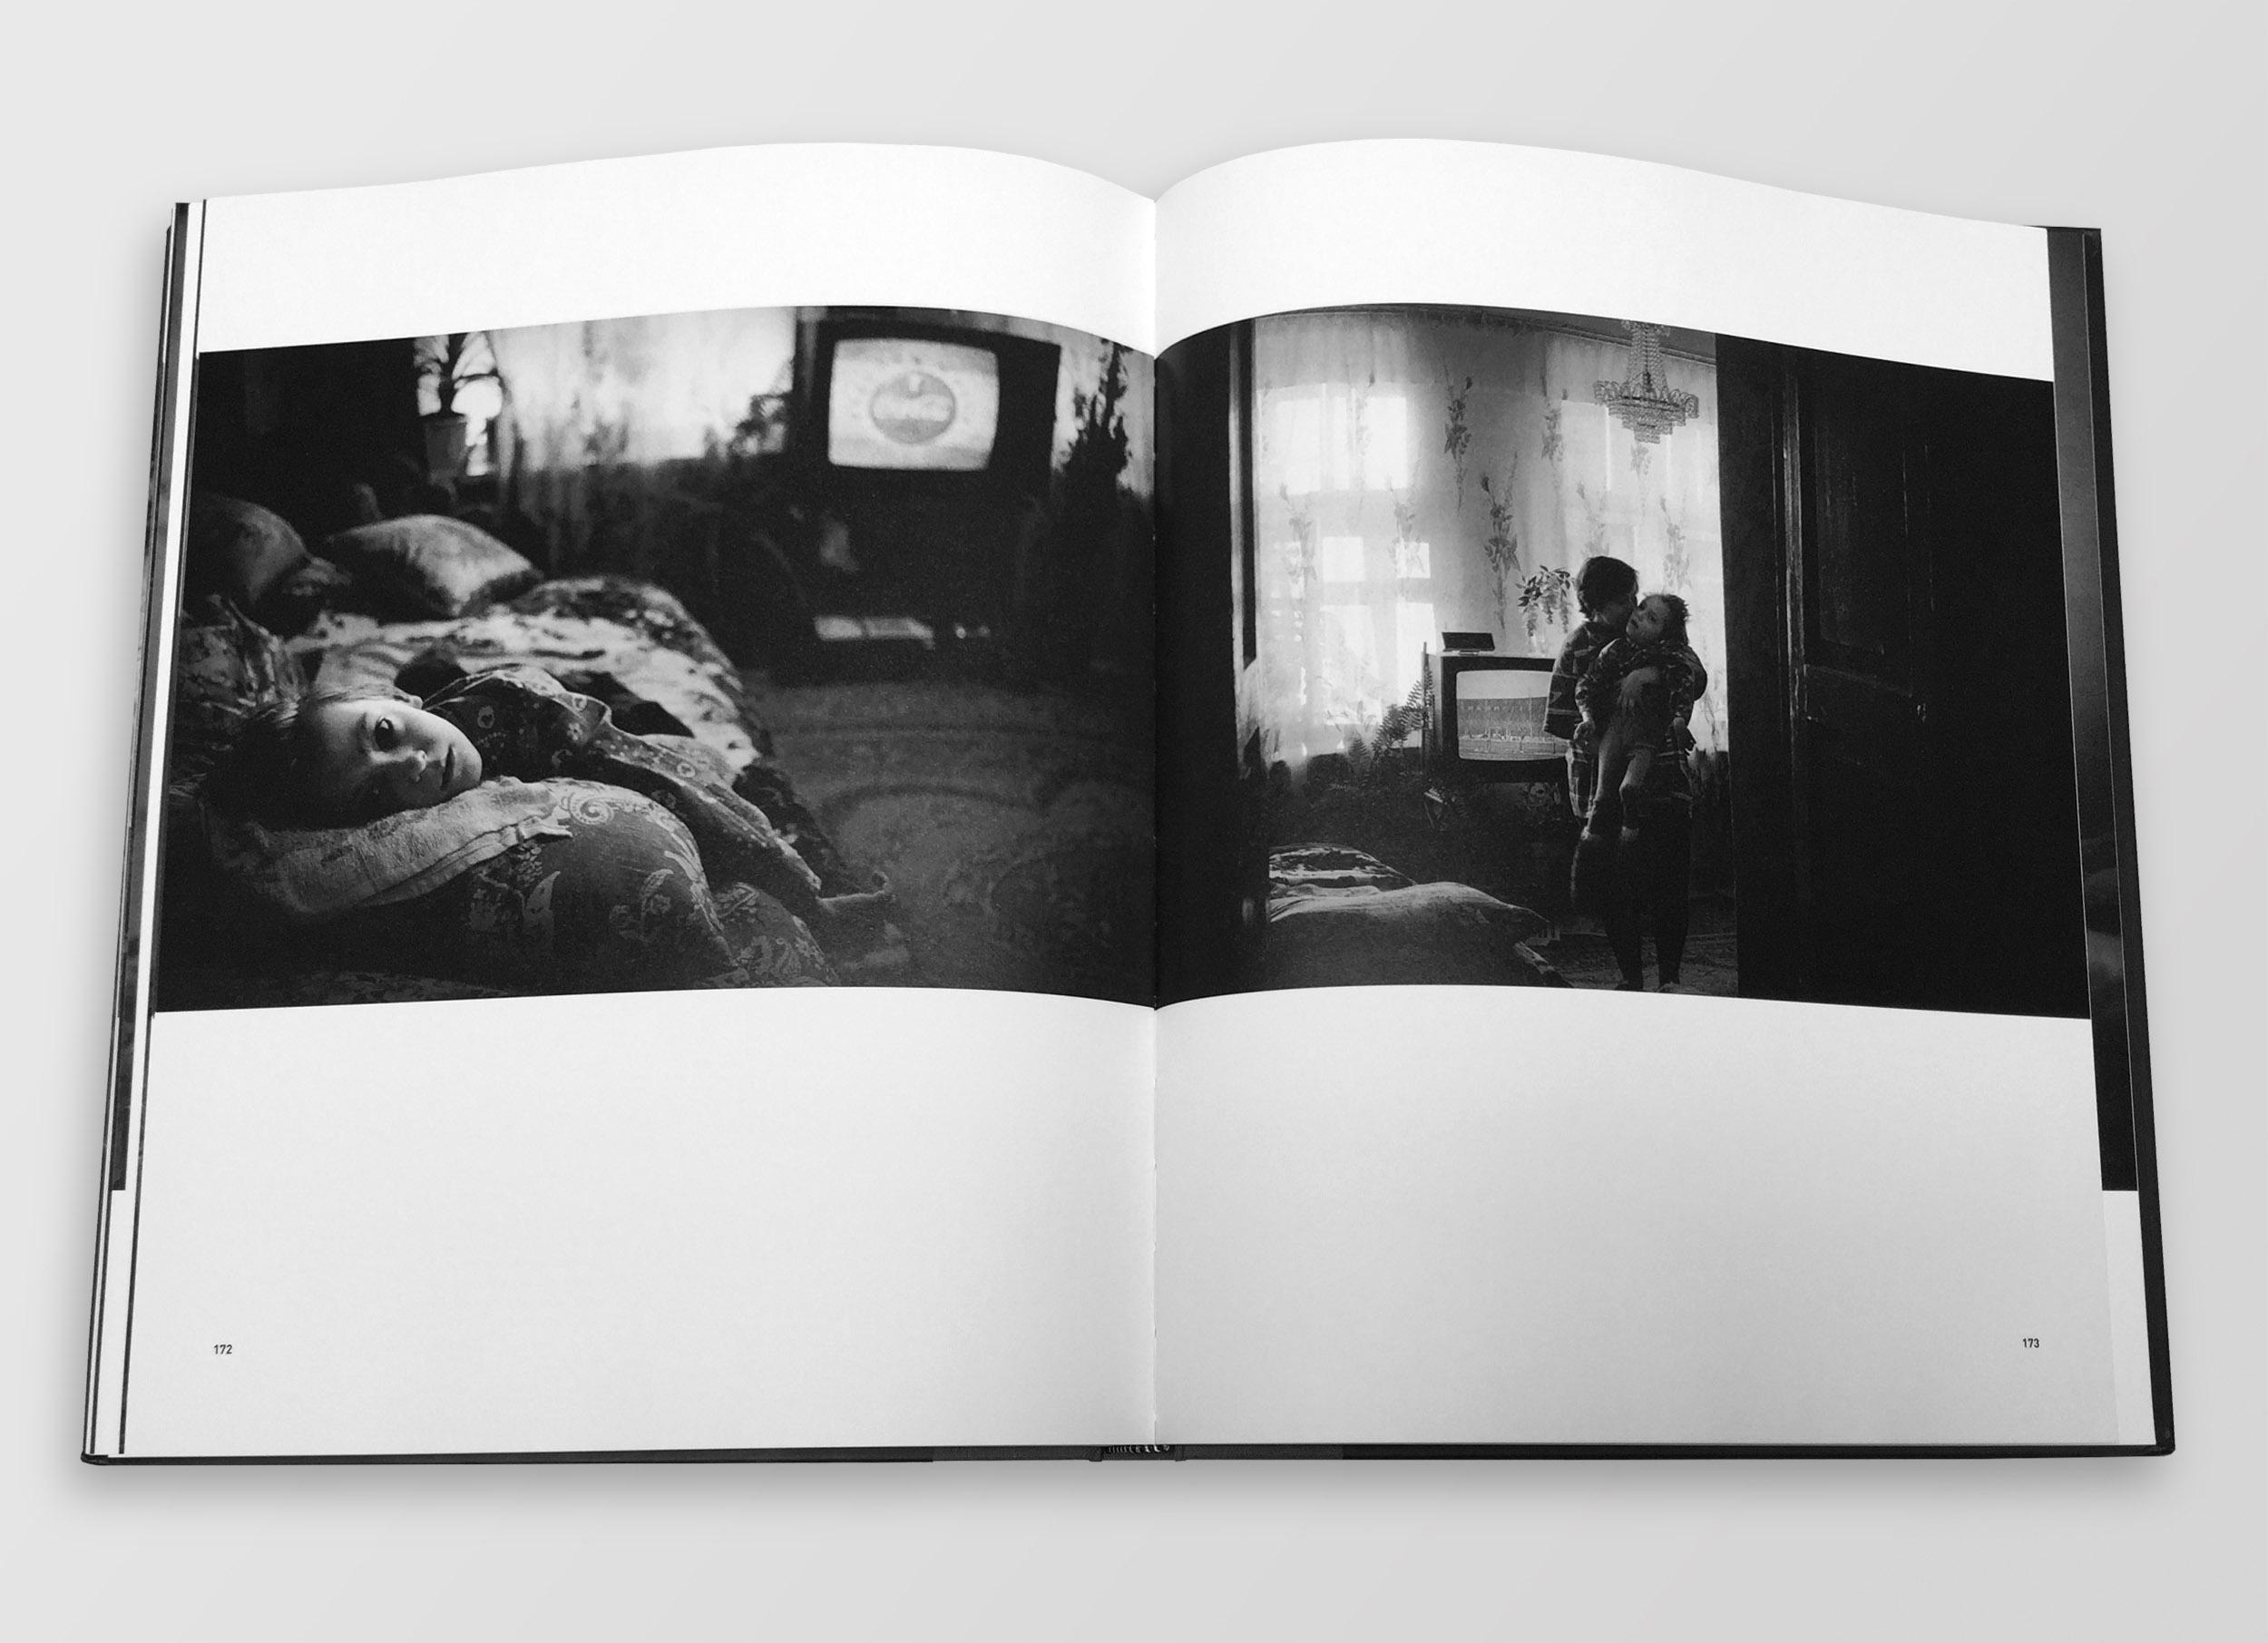 BOOK-CERTIFICAAT-006B.jpg